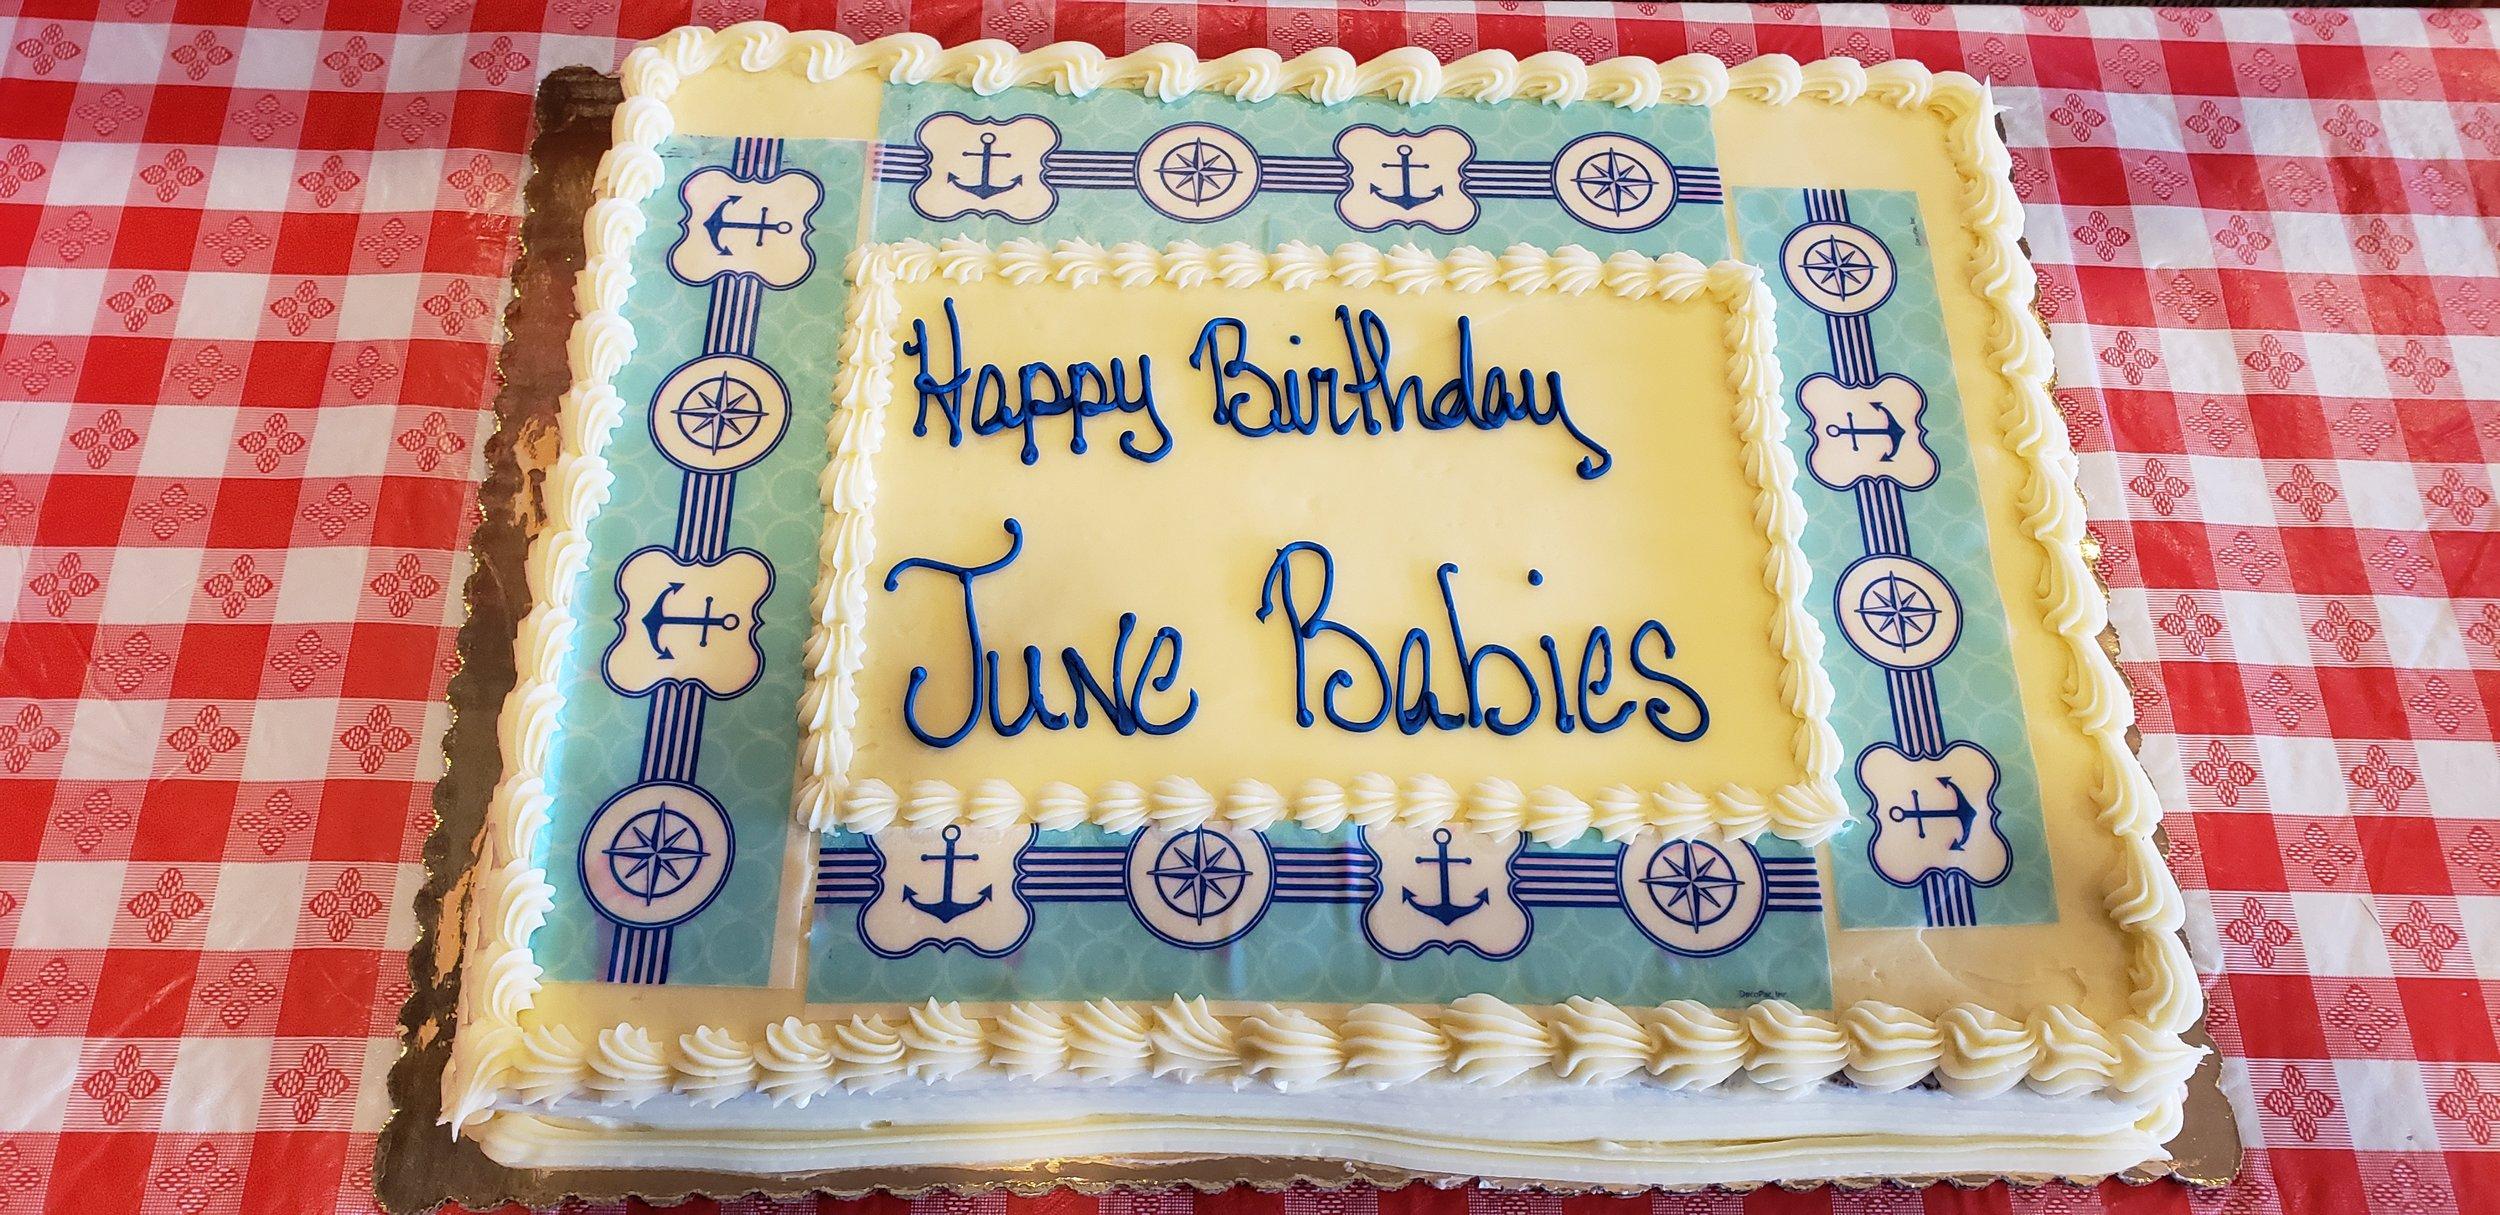 June BDay Cake.jpg